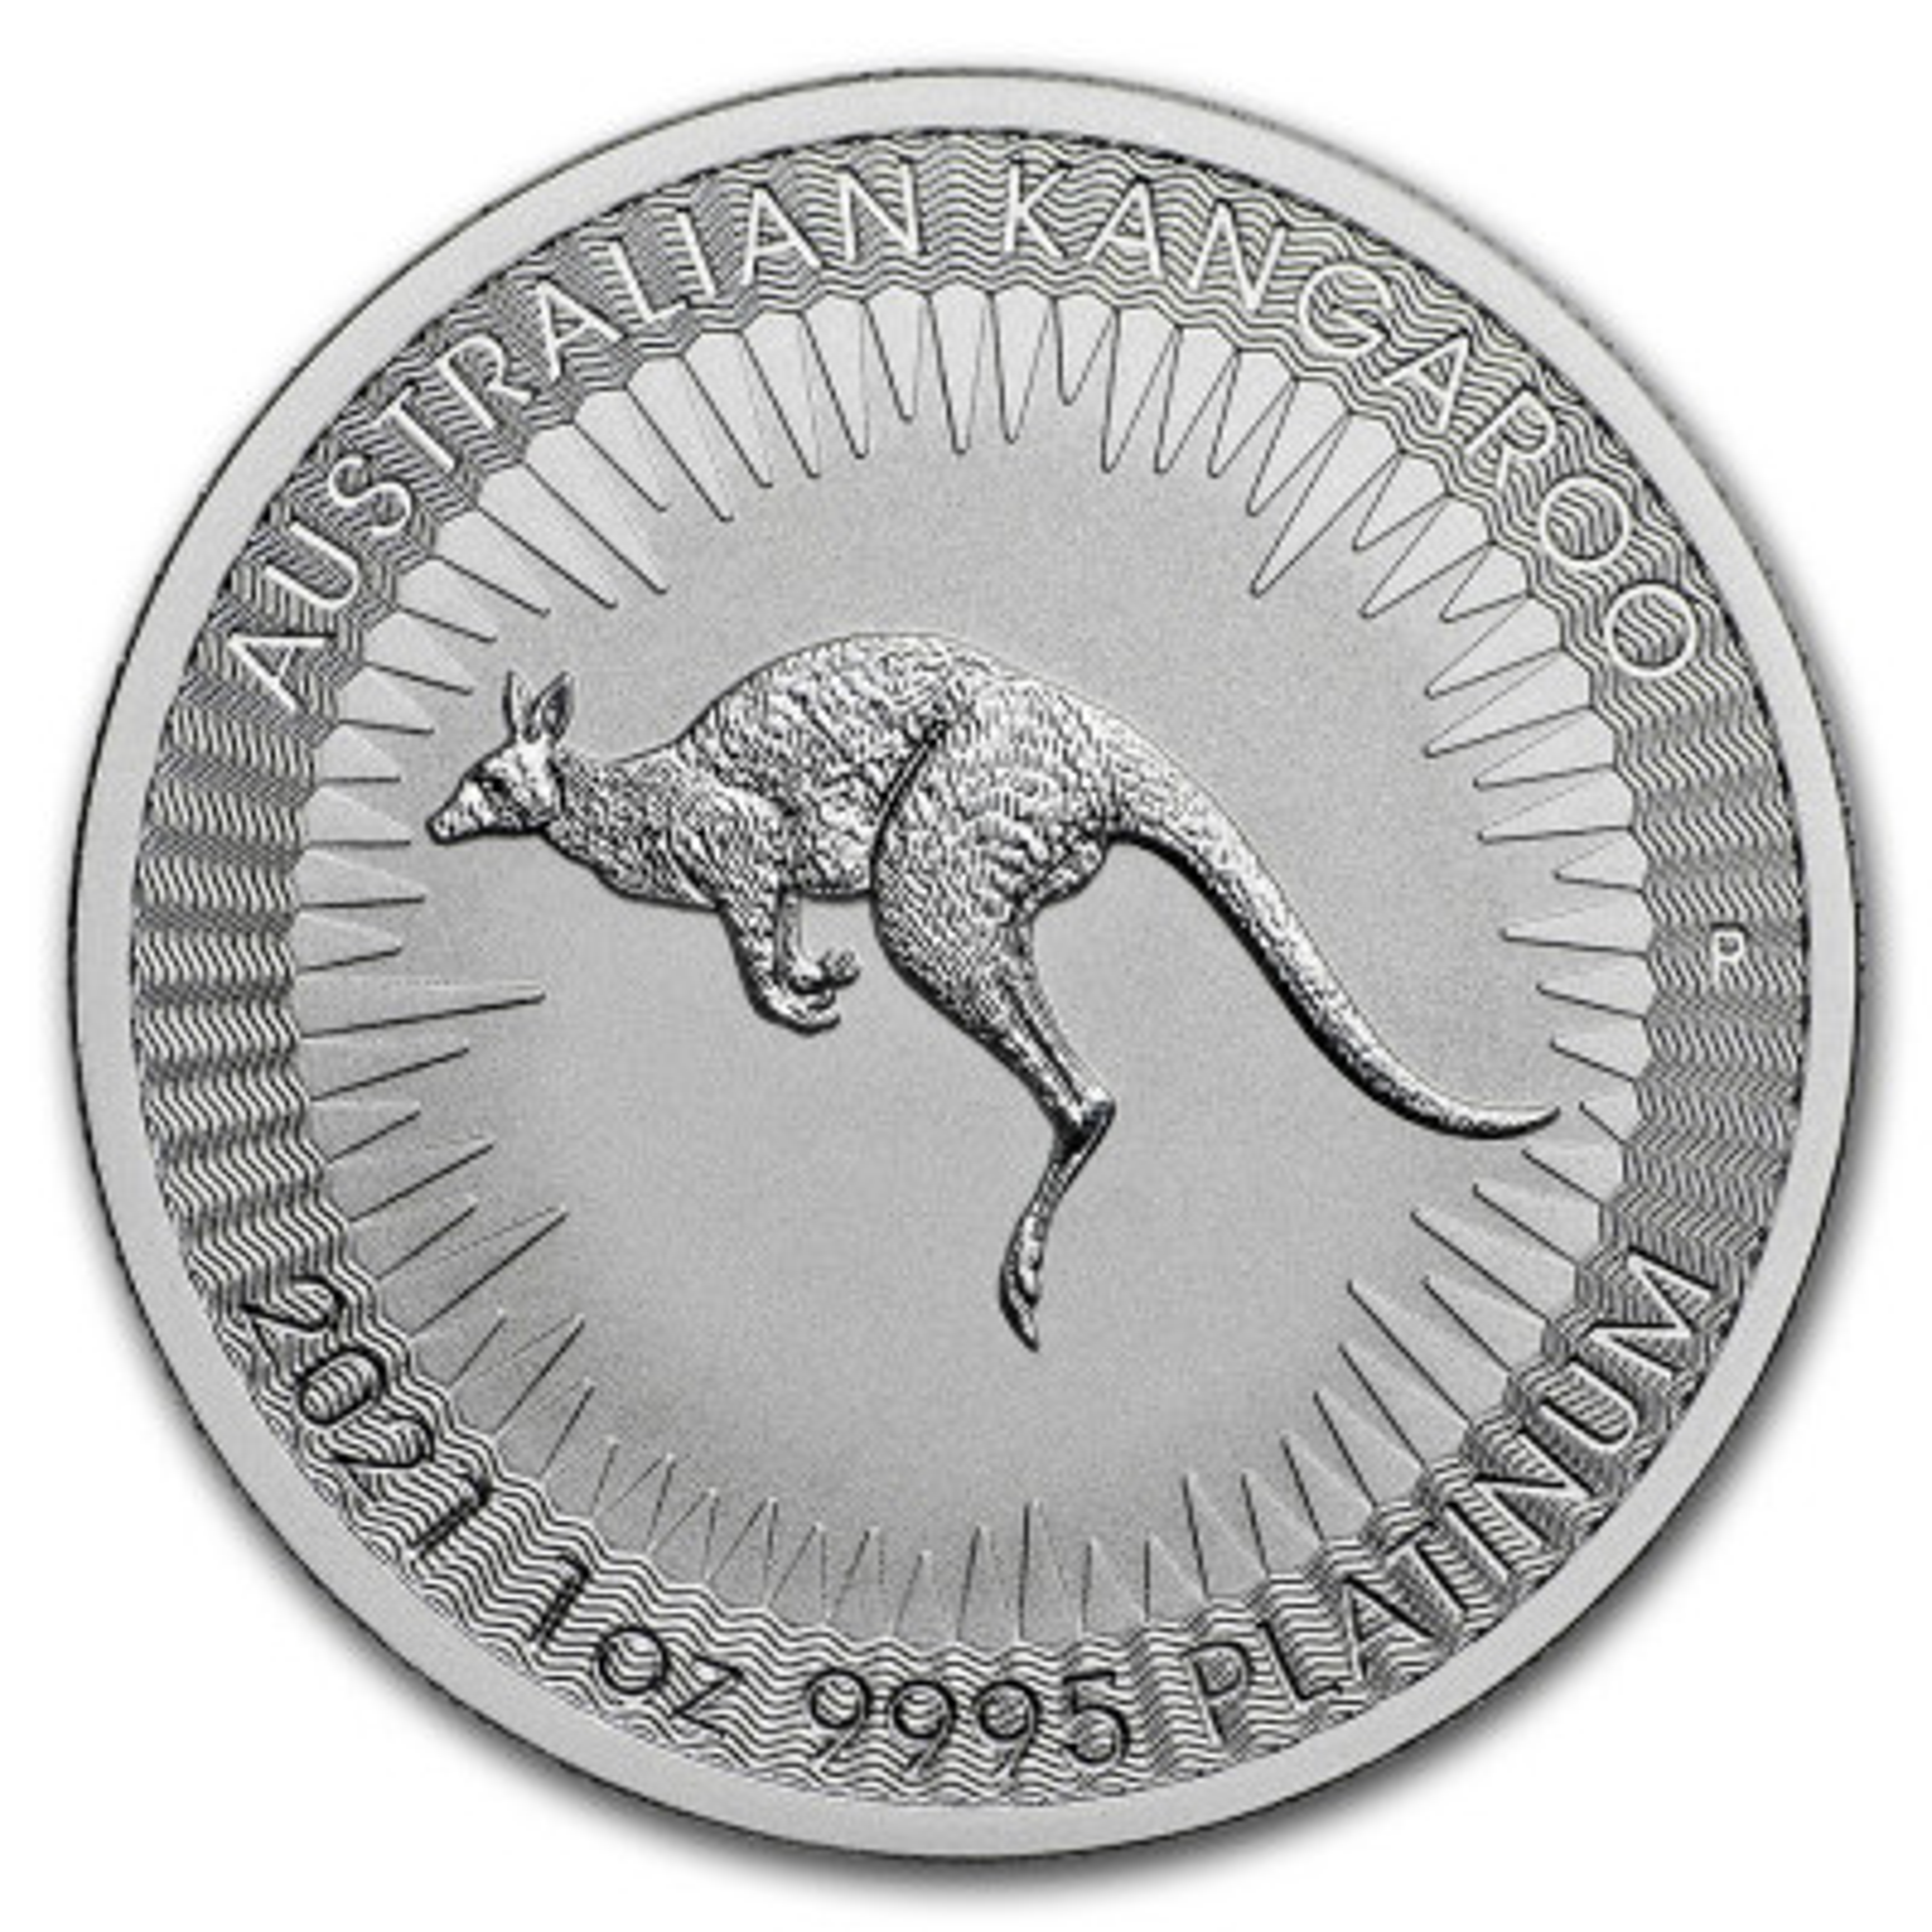 1 Troy ounce Platinum Kangaroo coin 2019